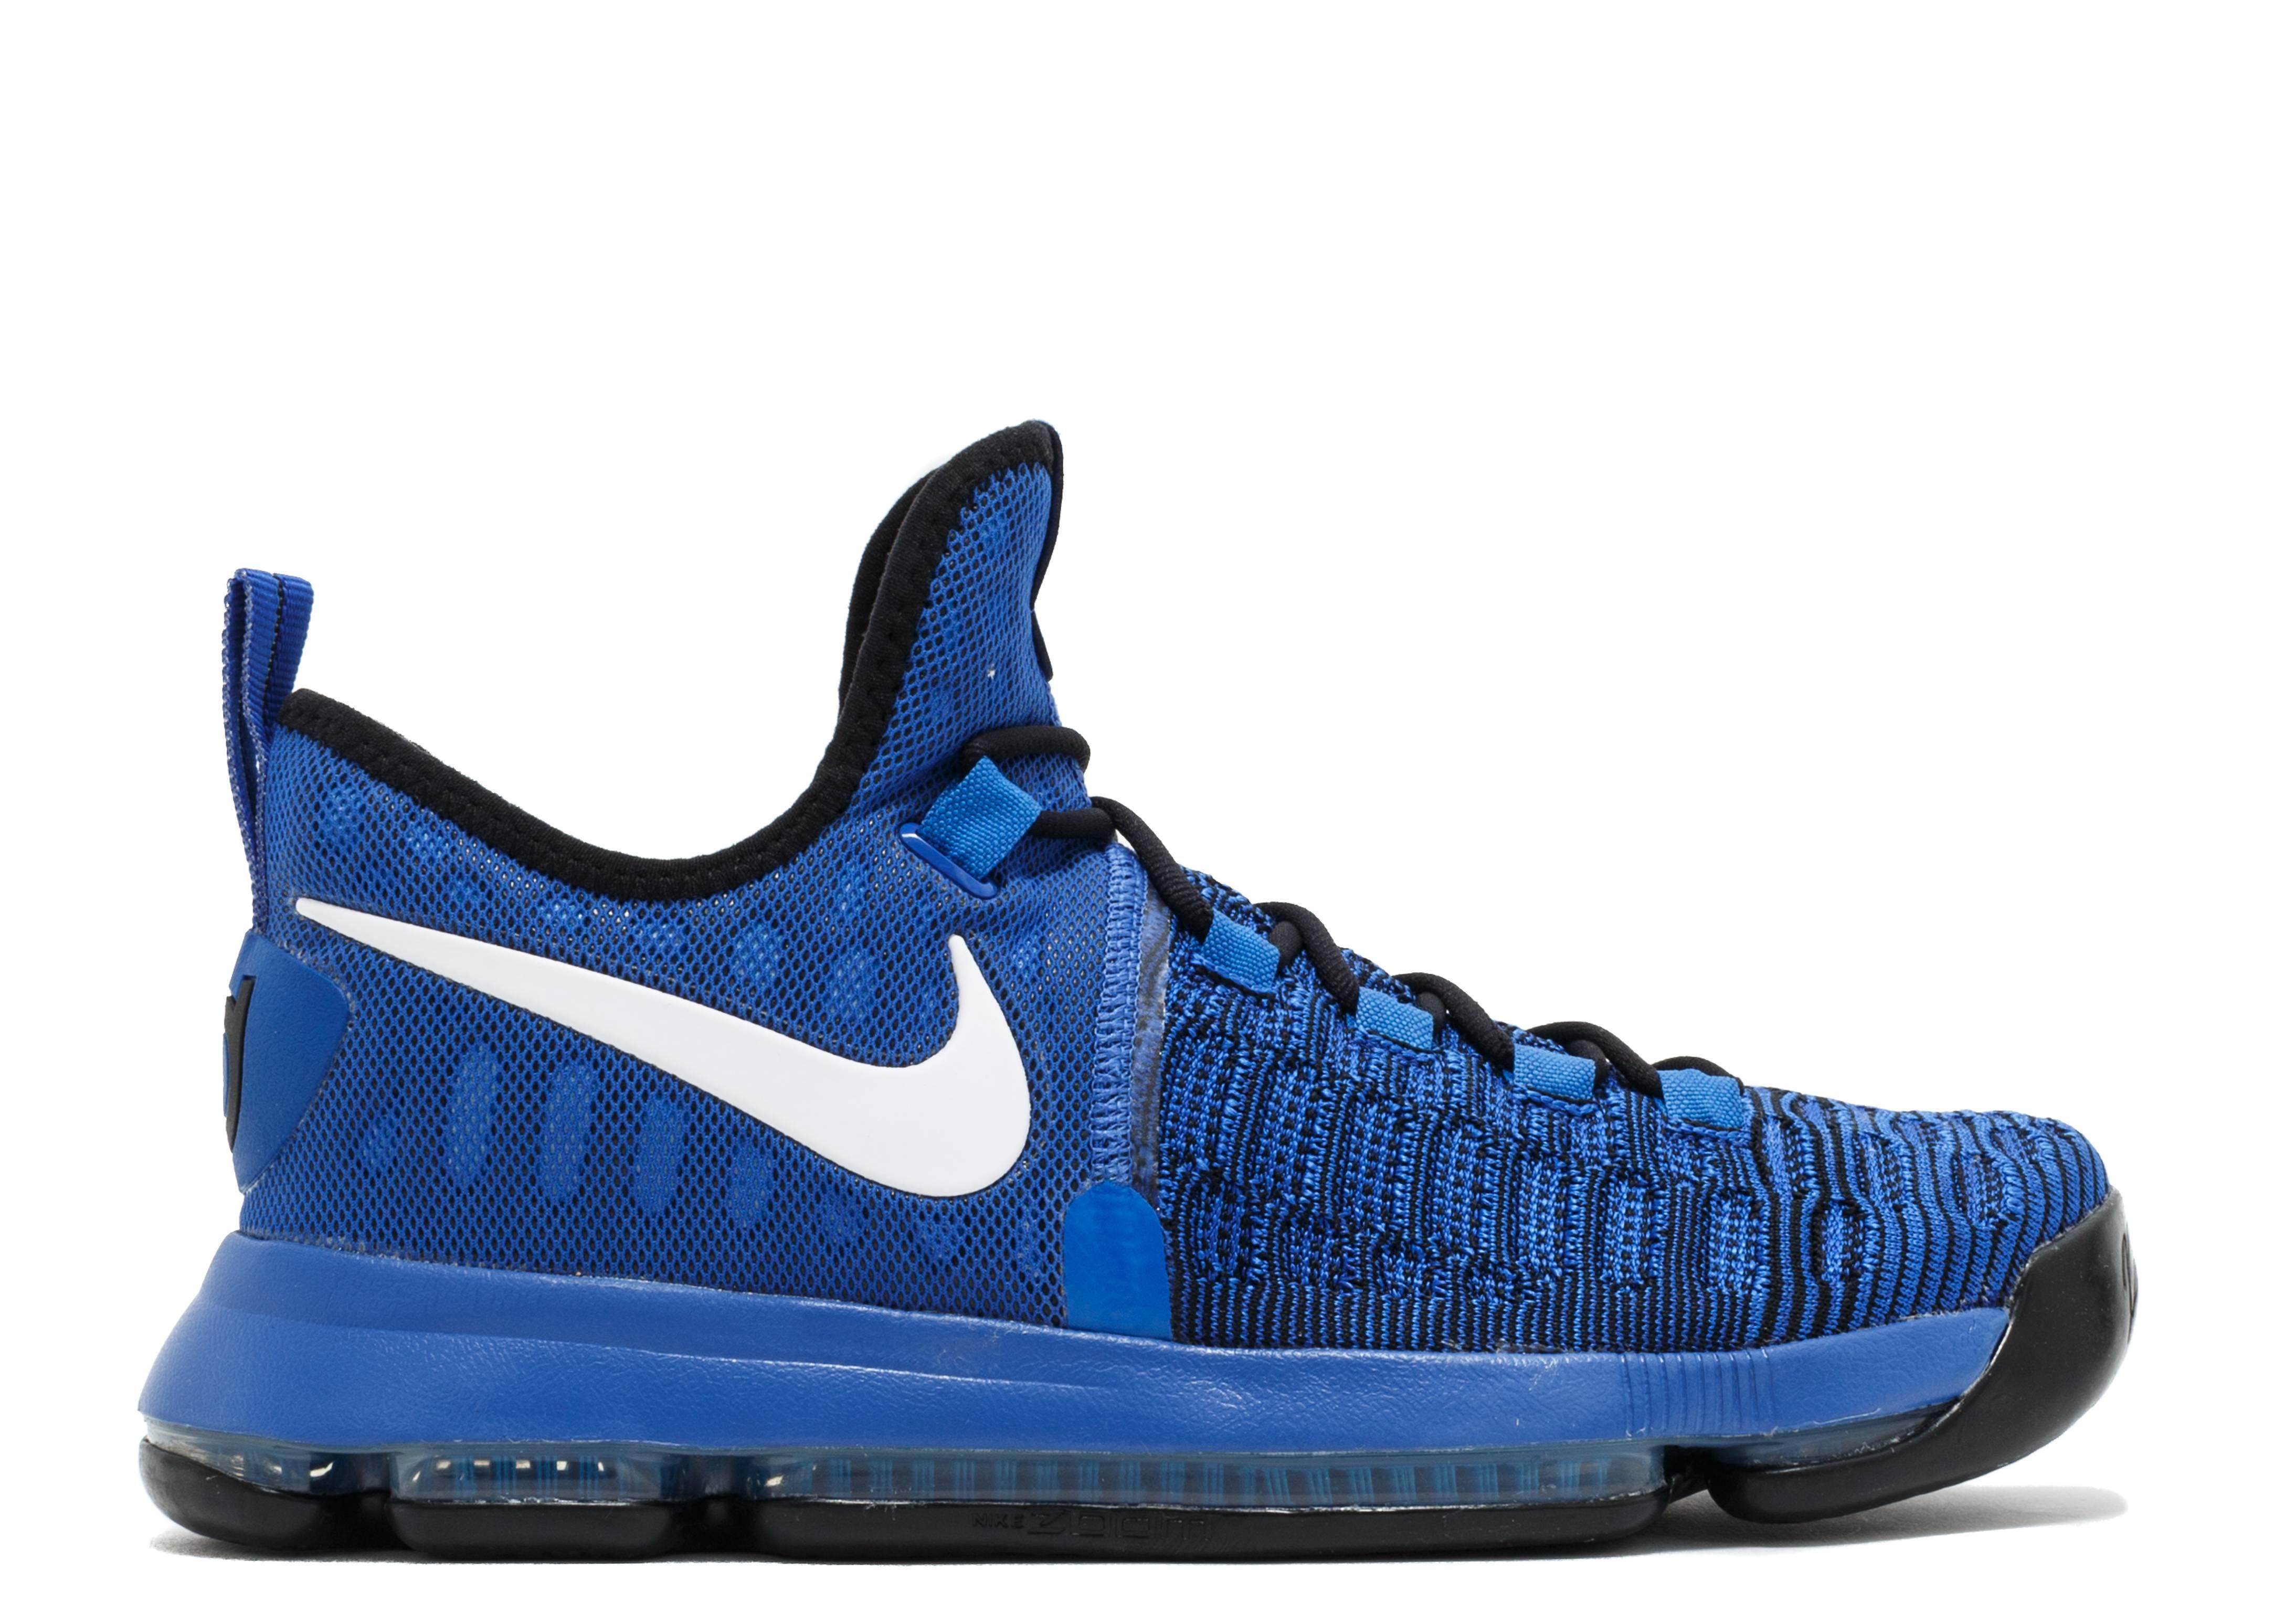 big sale 6b912 d3dff Nike zoom kd 9